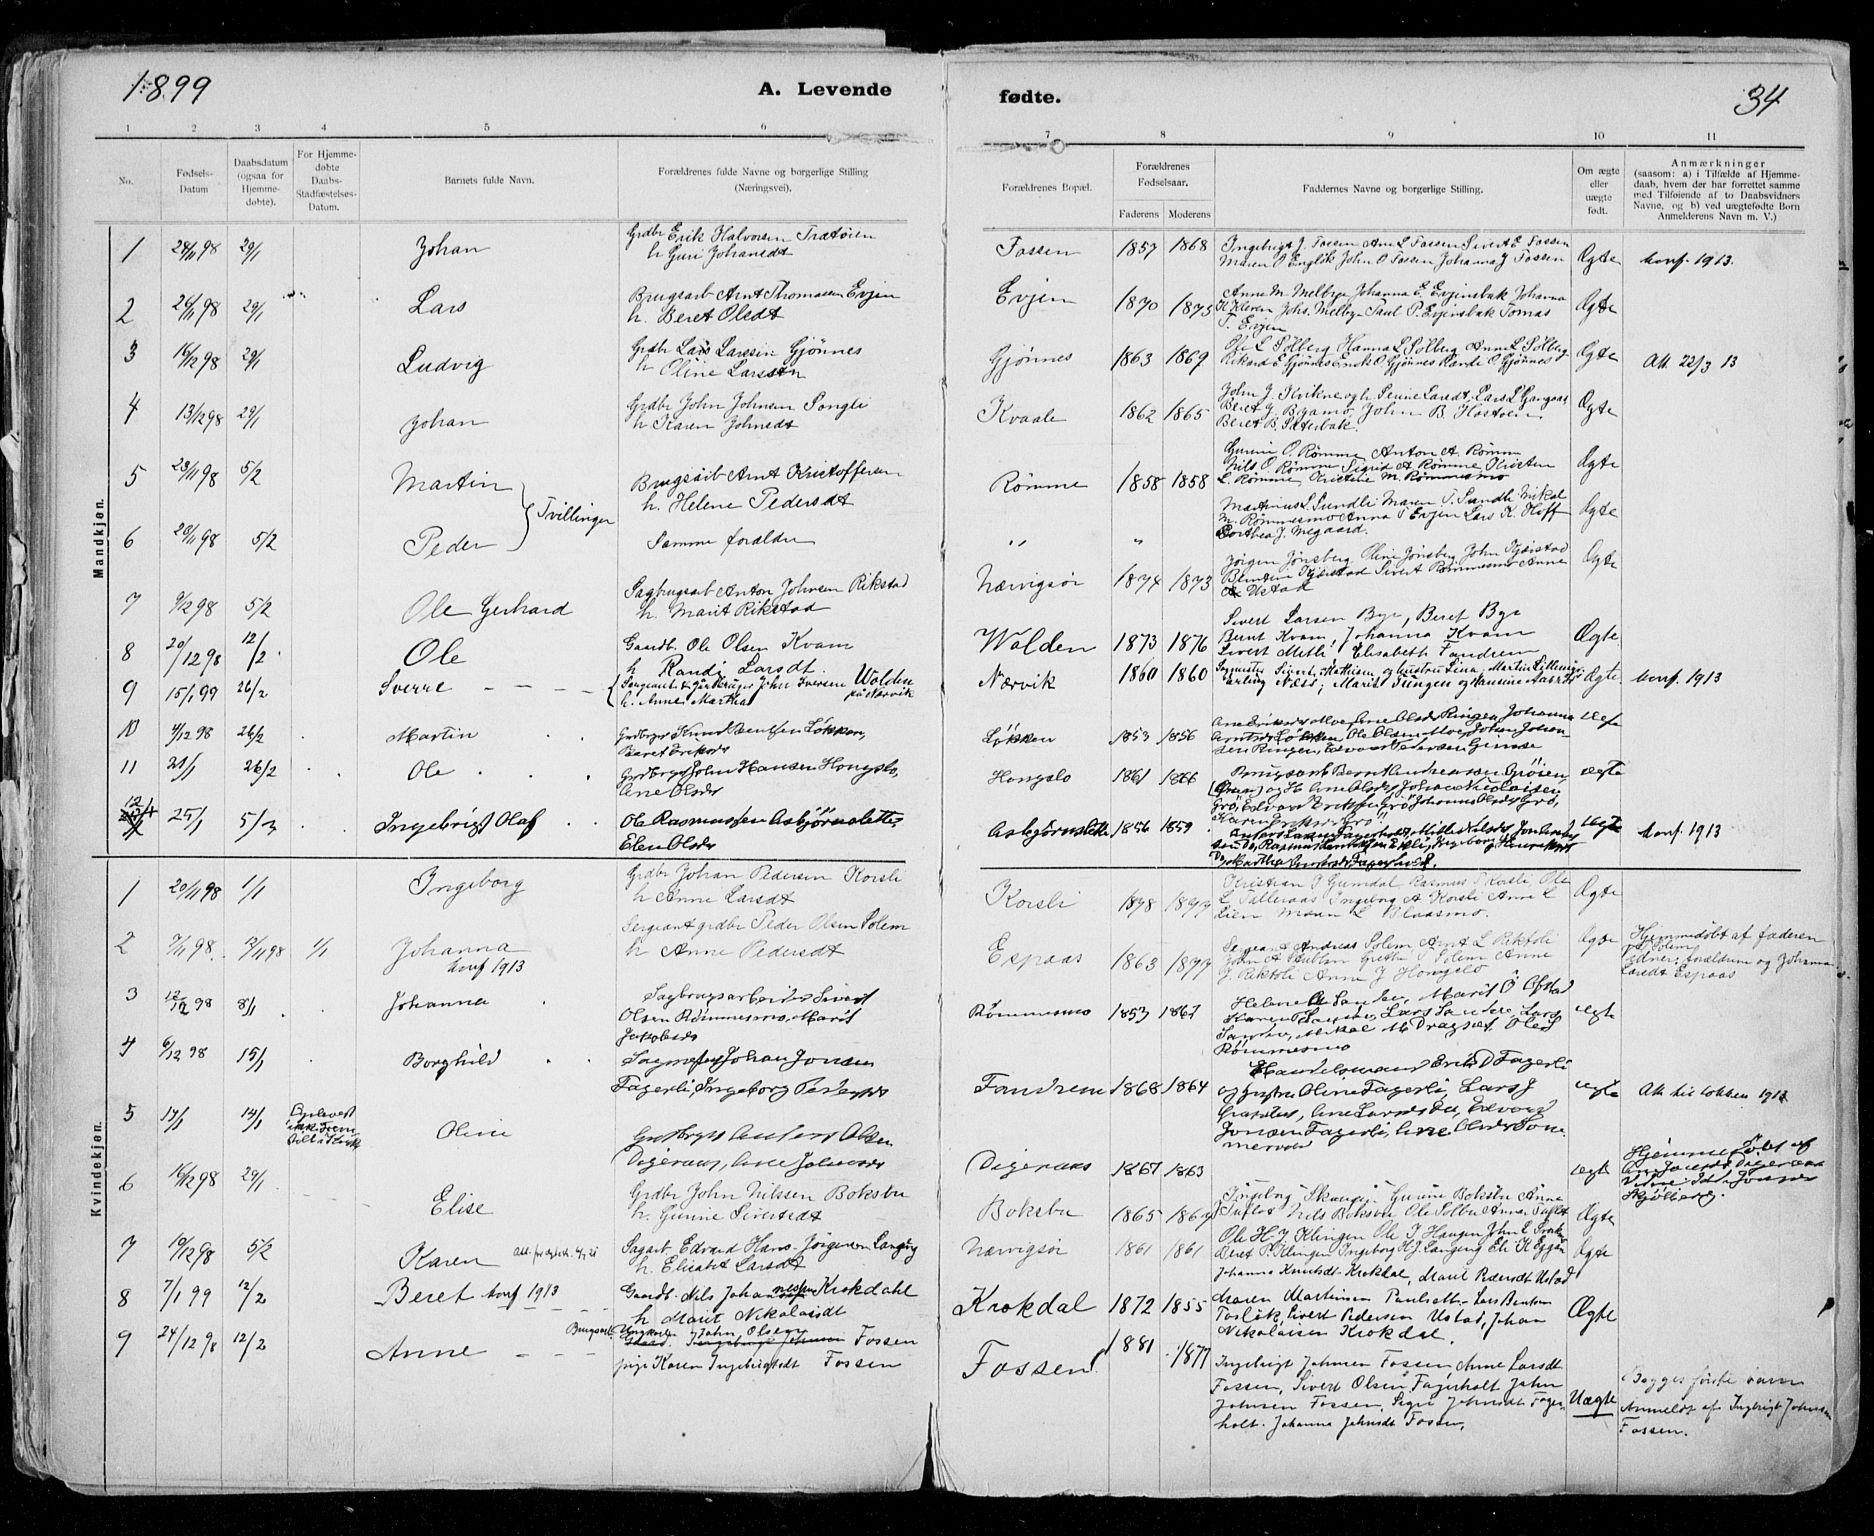 SAT, Ministerialprotokoller, klokkerbøker og fødselsregistre - Sør-Trøndelag, 668/L0811: Ministerialbok nr. 668A11, 1894-1913, s. 34